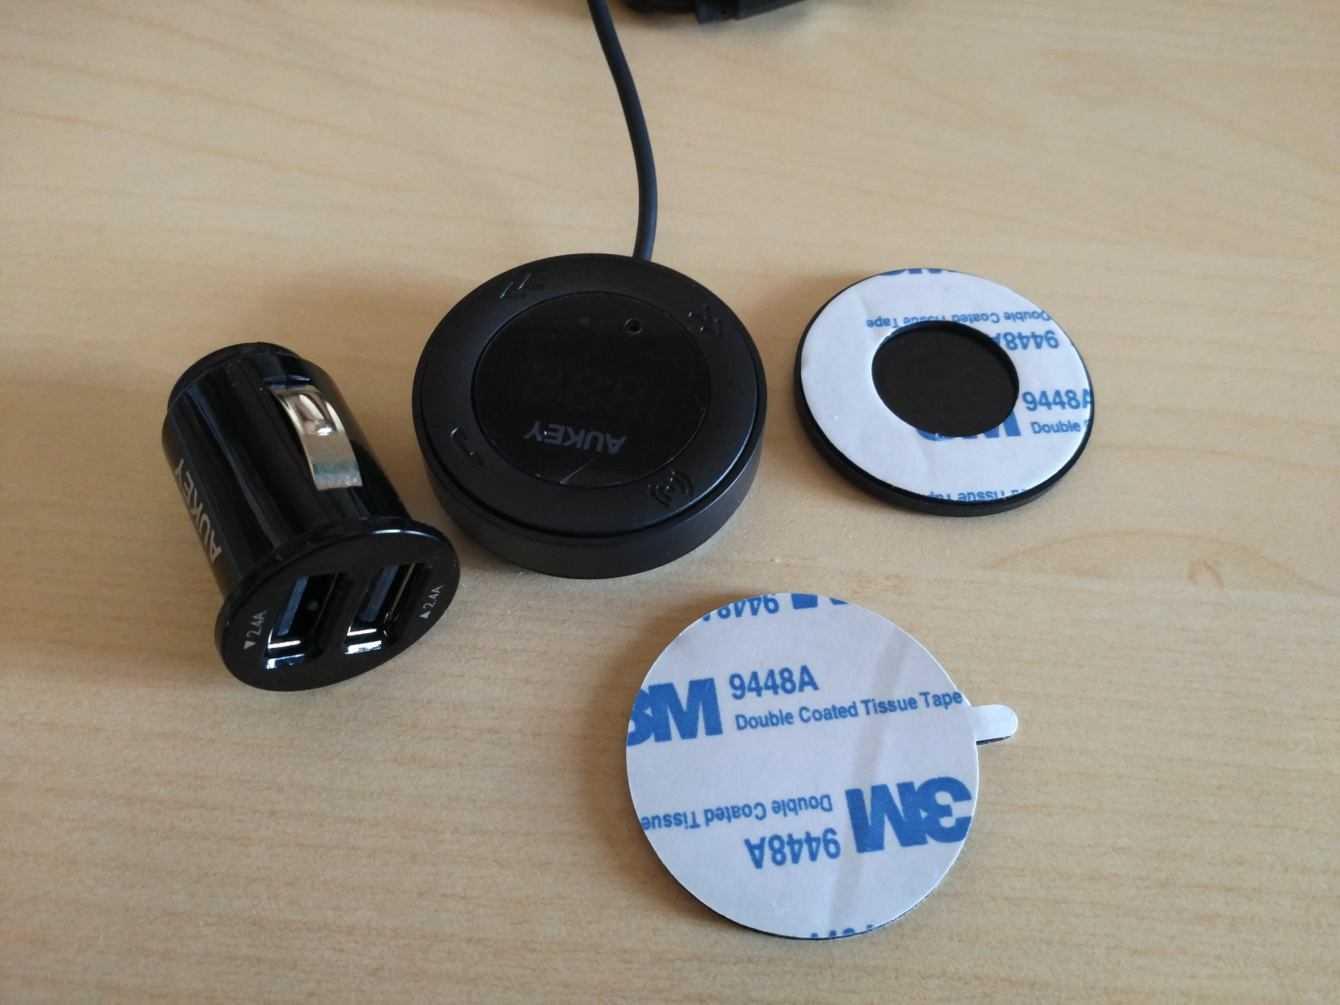 Recensione AUKEY BT-F4: il trasmettitore FM wireless funzionale ed economico